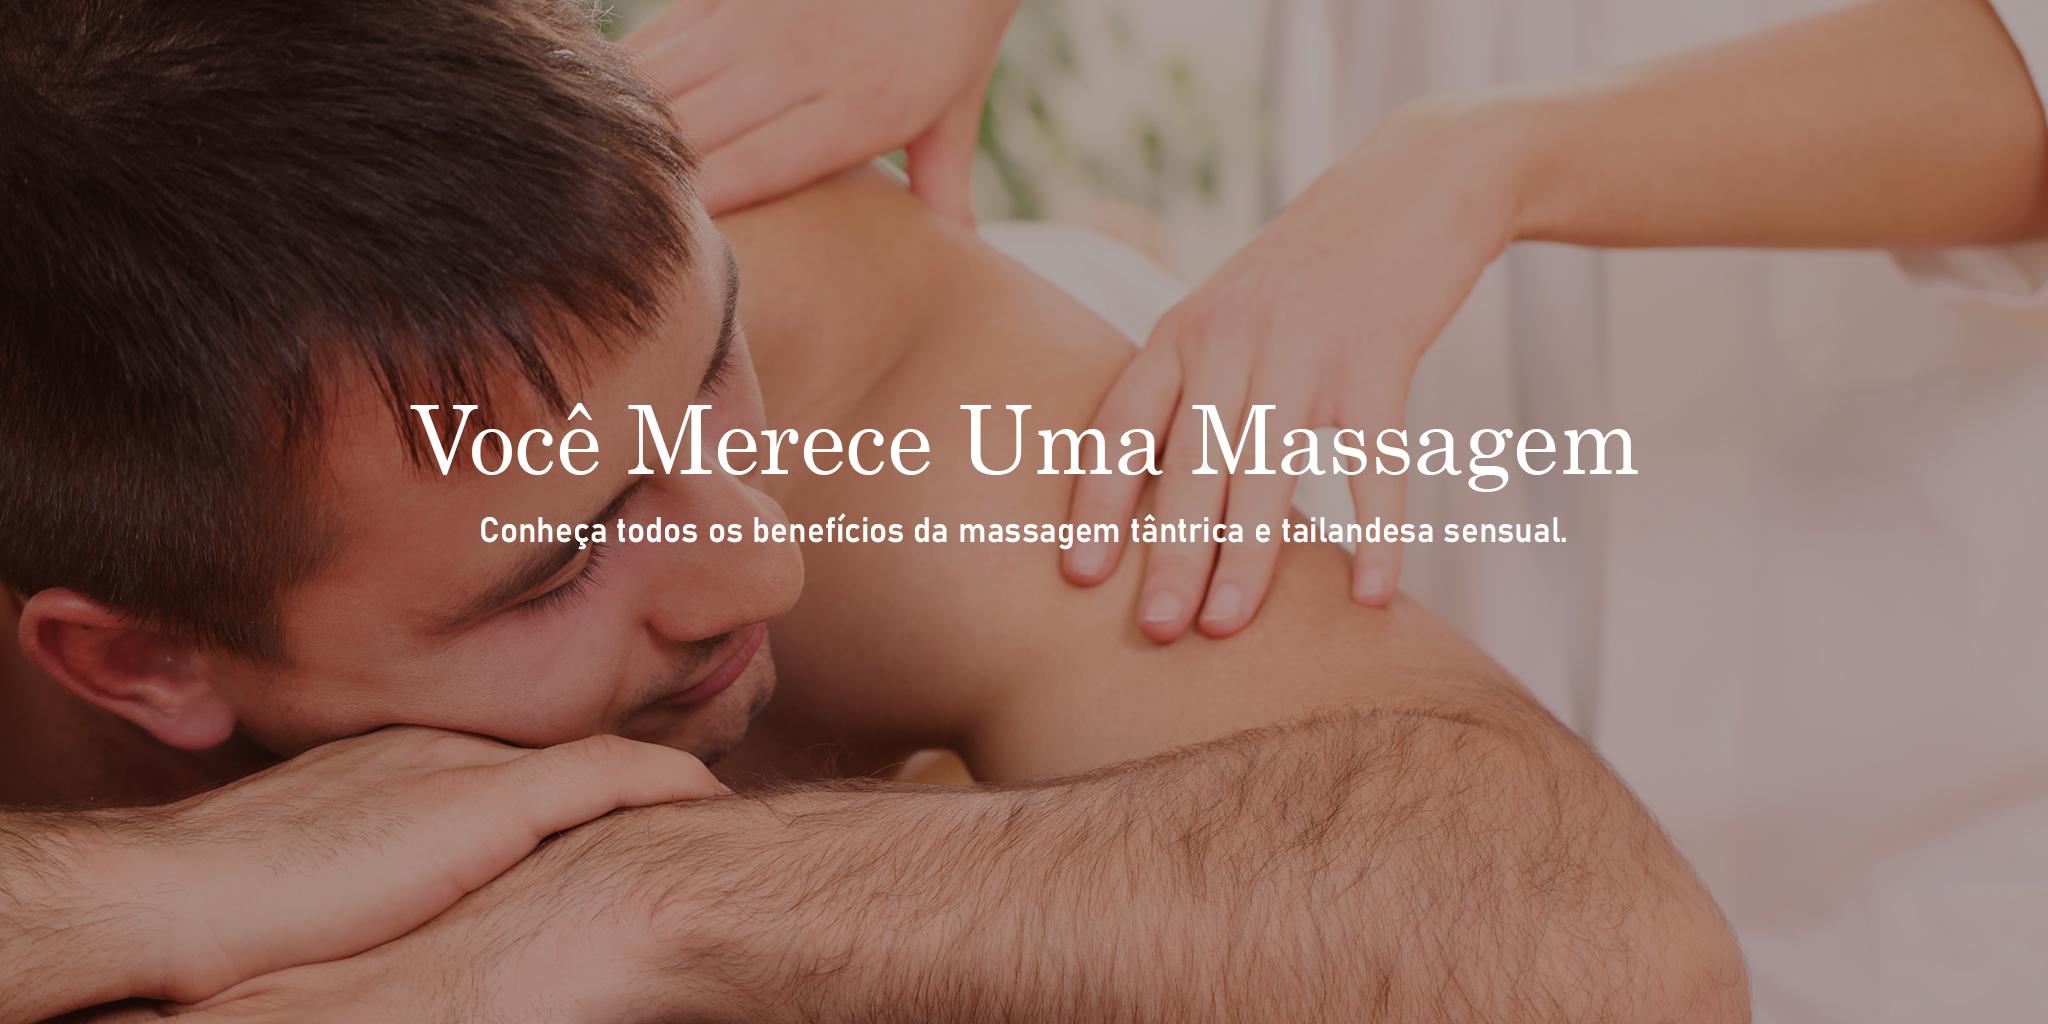 Você merece uma massagem